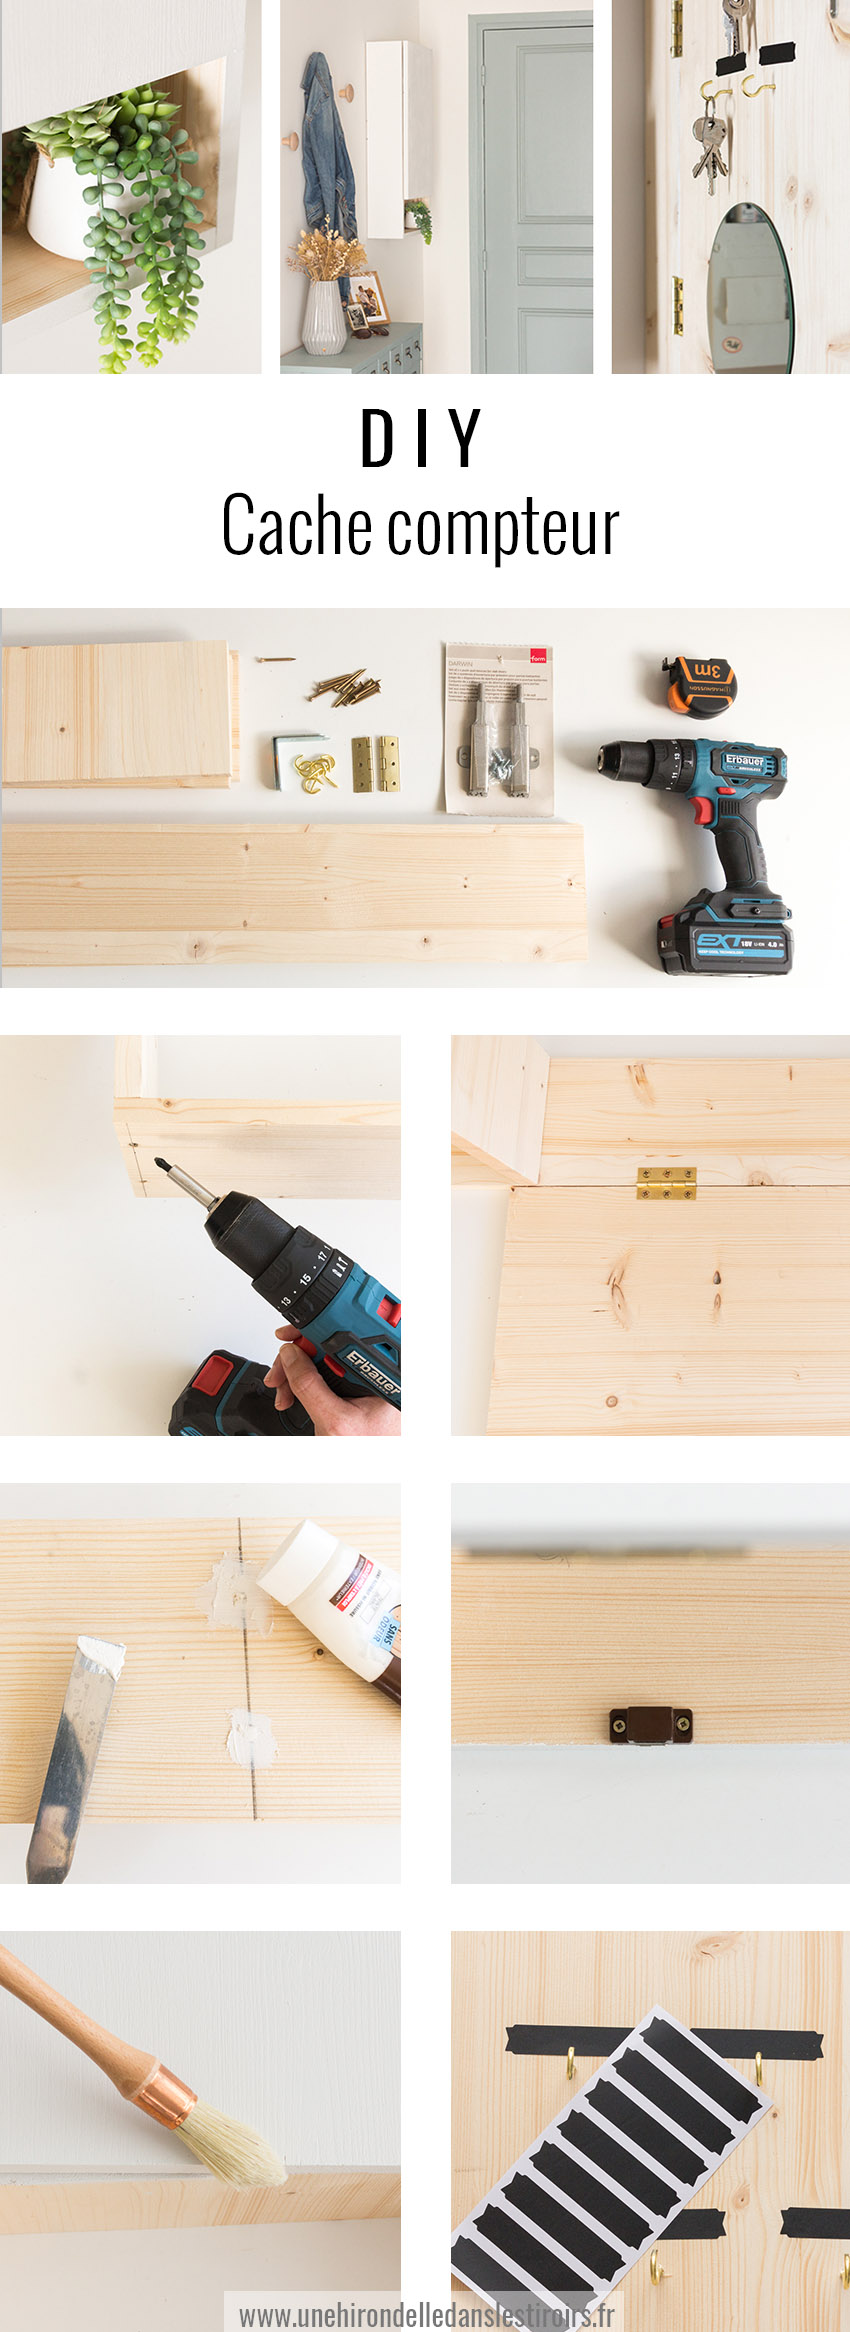 Armoire Pour Cacher Tableau Electrique diy cache compteur | une hirondelle dans les tiroirs